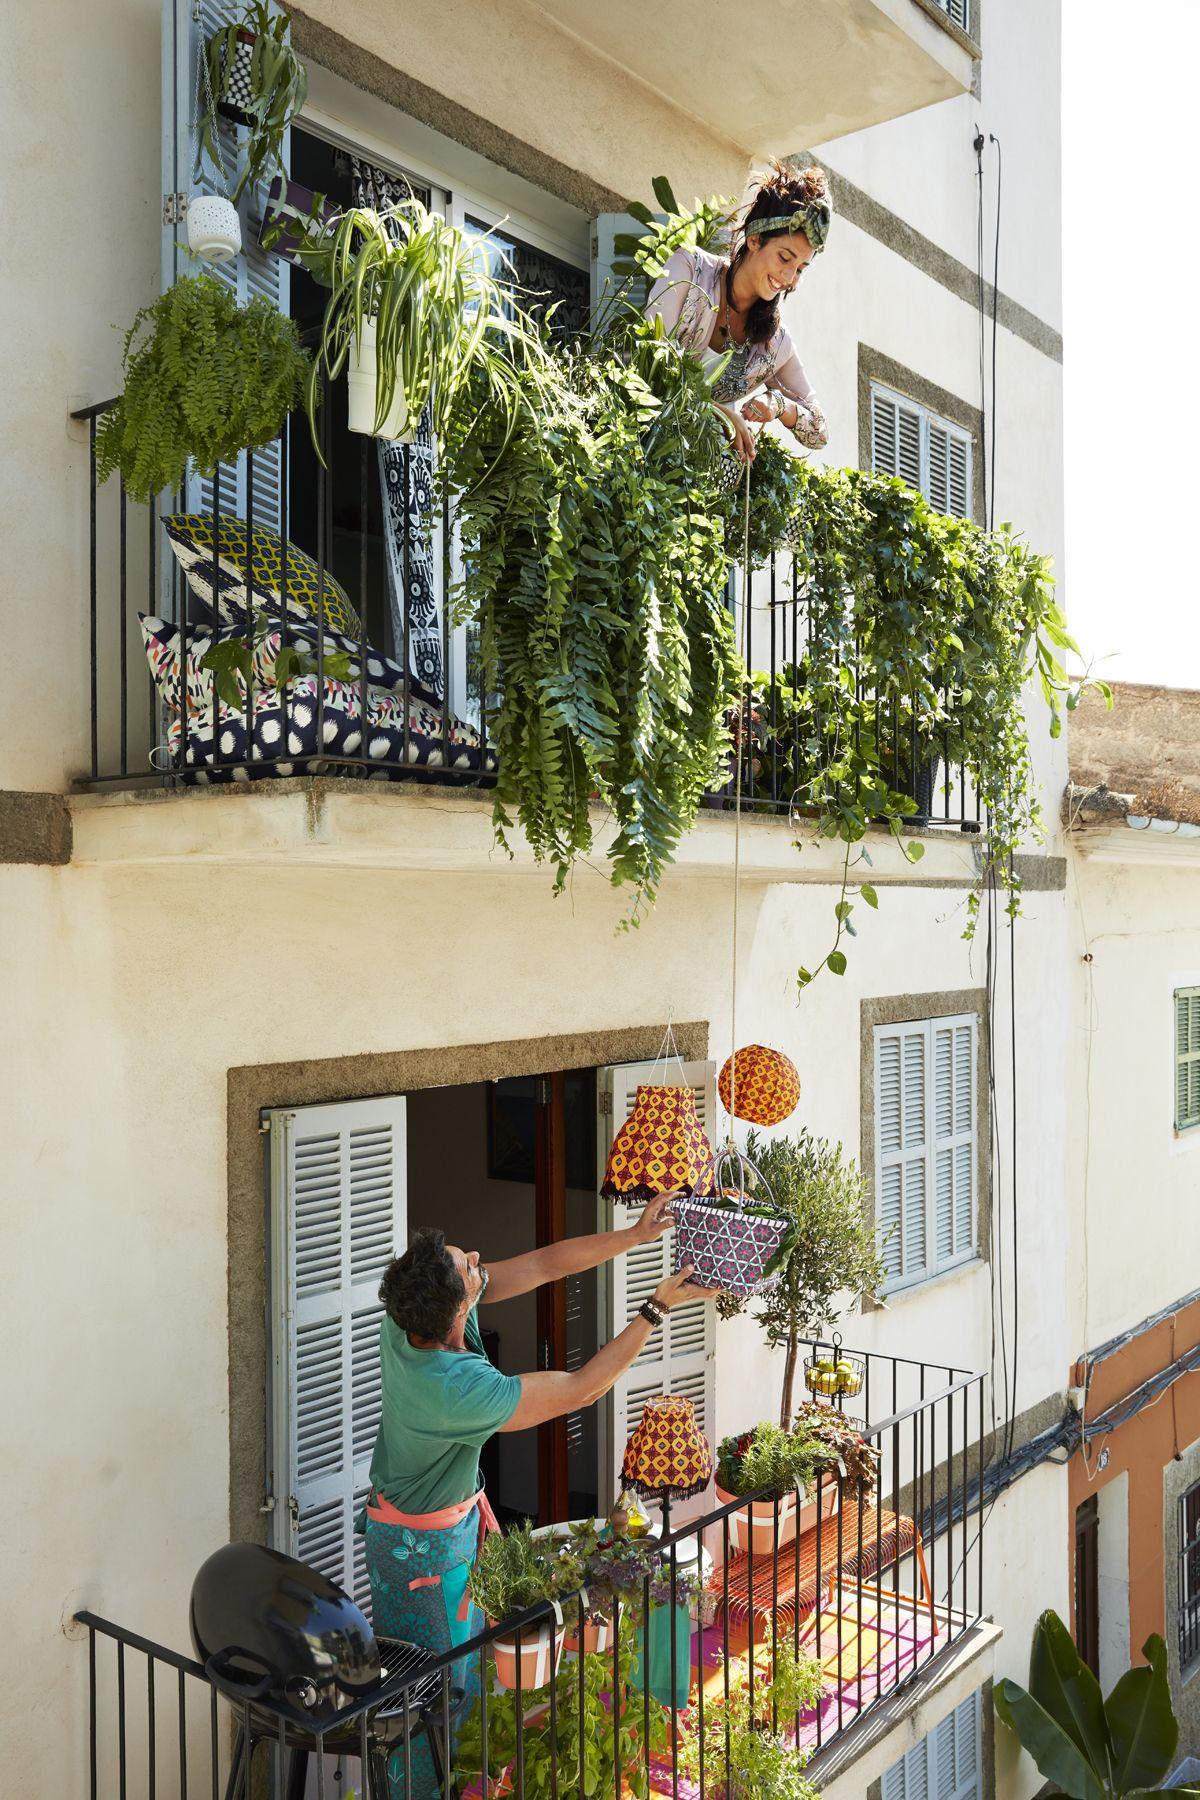 Arredare Il Balcone Ikea l'estate di ikea: accessori e arredi per vivere all'aperto